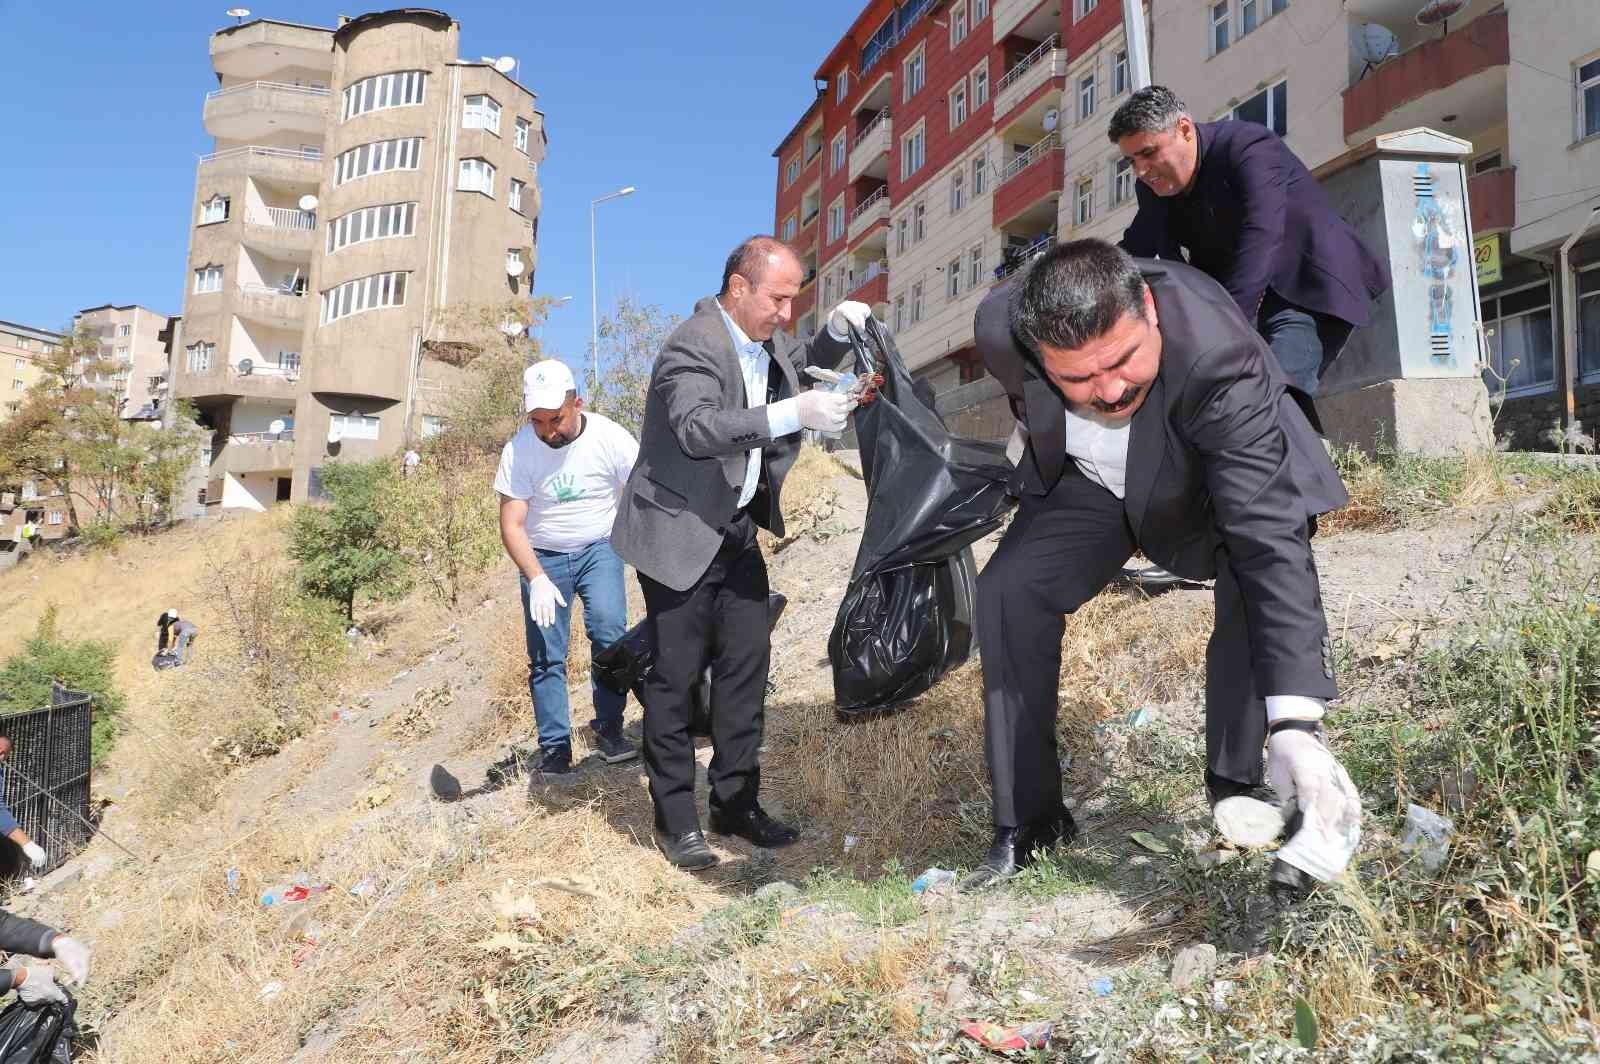 Hakkari'de temizlik çalışması #hakkari